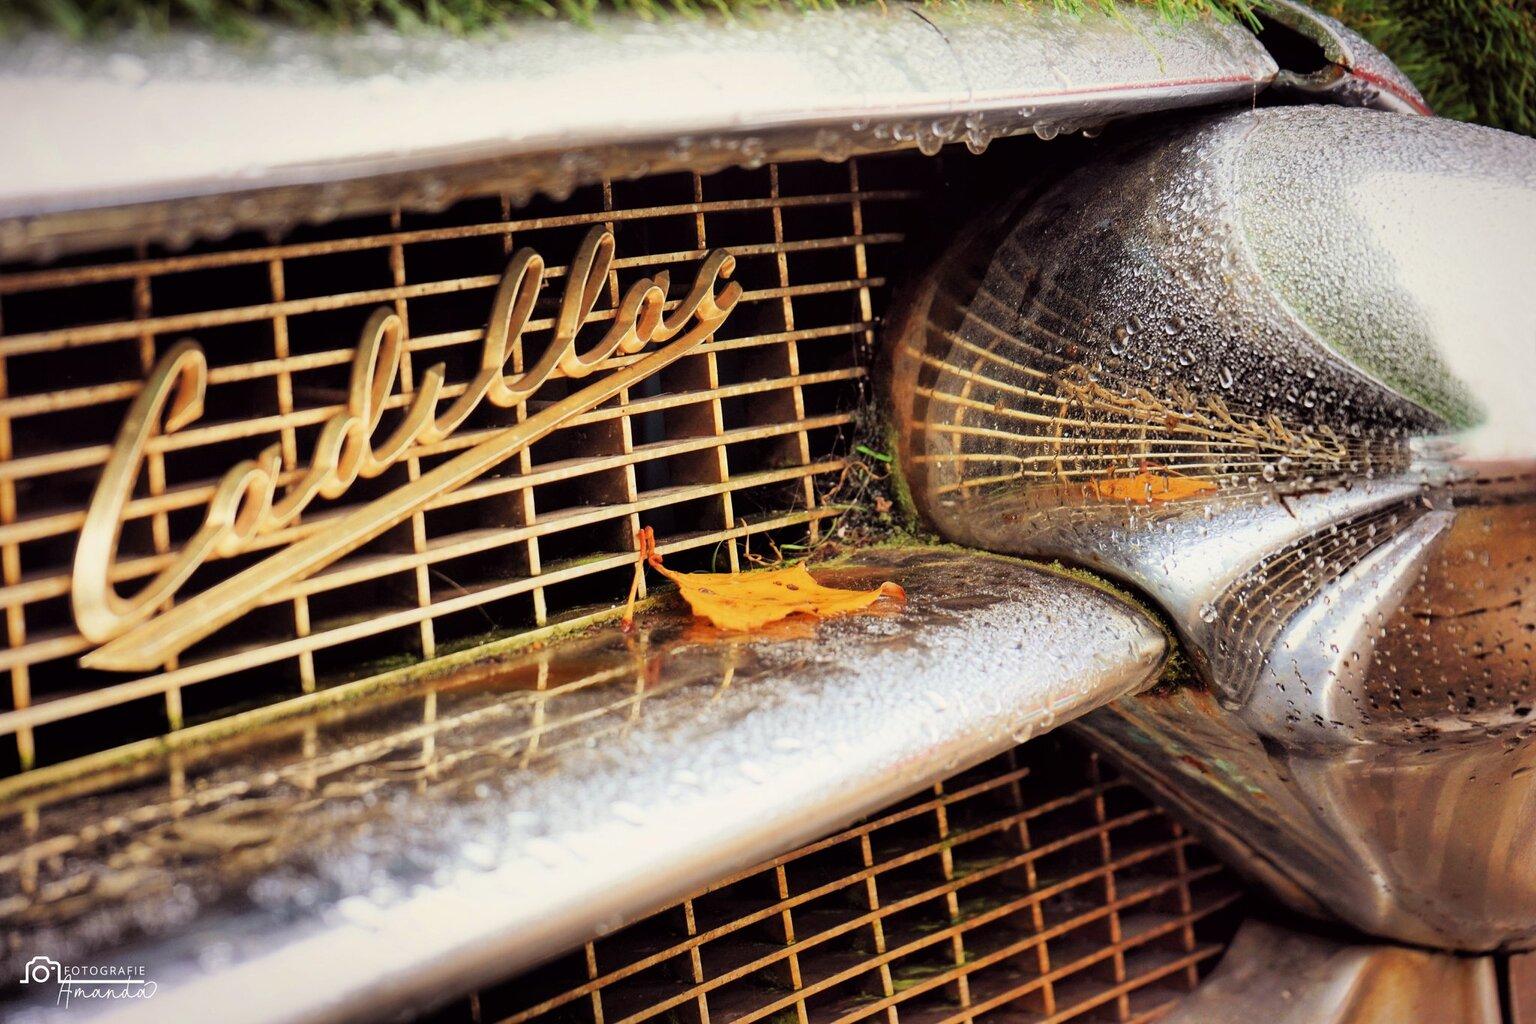 The Cadillac - Prachtige reflectie na een regenbui, een klassieker net zoals deze Cadillac. - foto door vdbergamanda op 17-04-2021 - deze foto bevat: cadillac, reflectie, regen, drup, druppel, classic, spiegeling, regendrup, auto, klassieker, rooster, automotive verlichting, kap, motorvoertuig, automotive ontwerp, auto, mesh, bumper, automotive buitenkant, voertuig